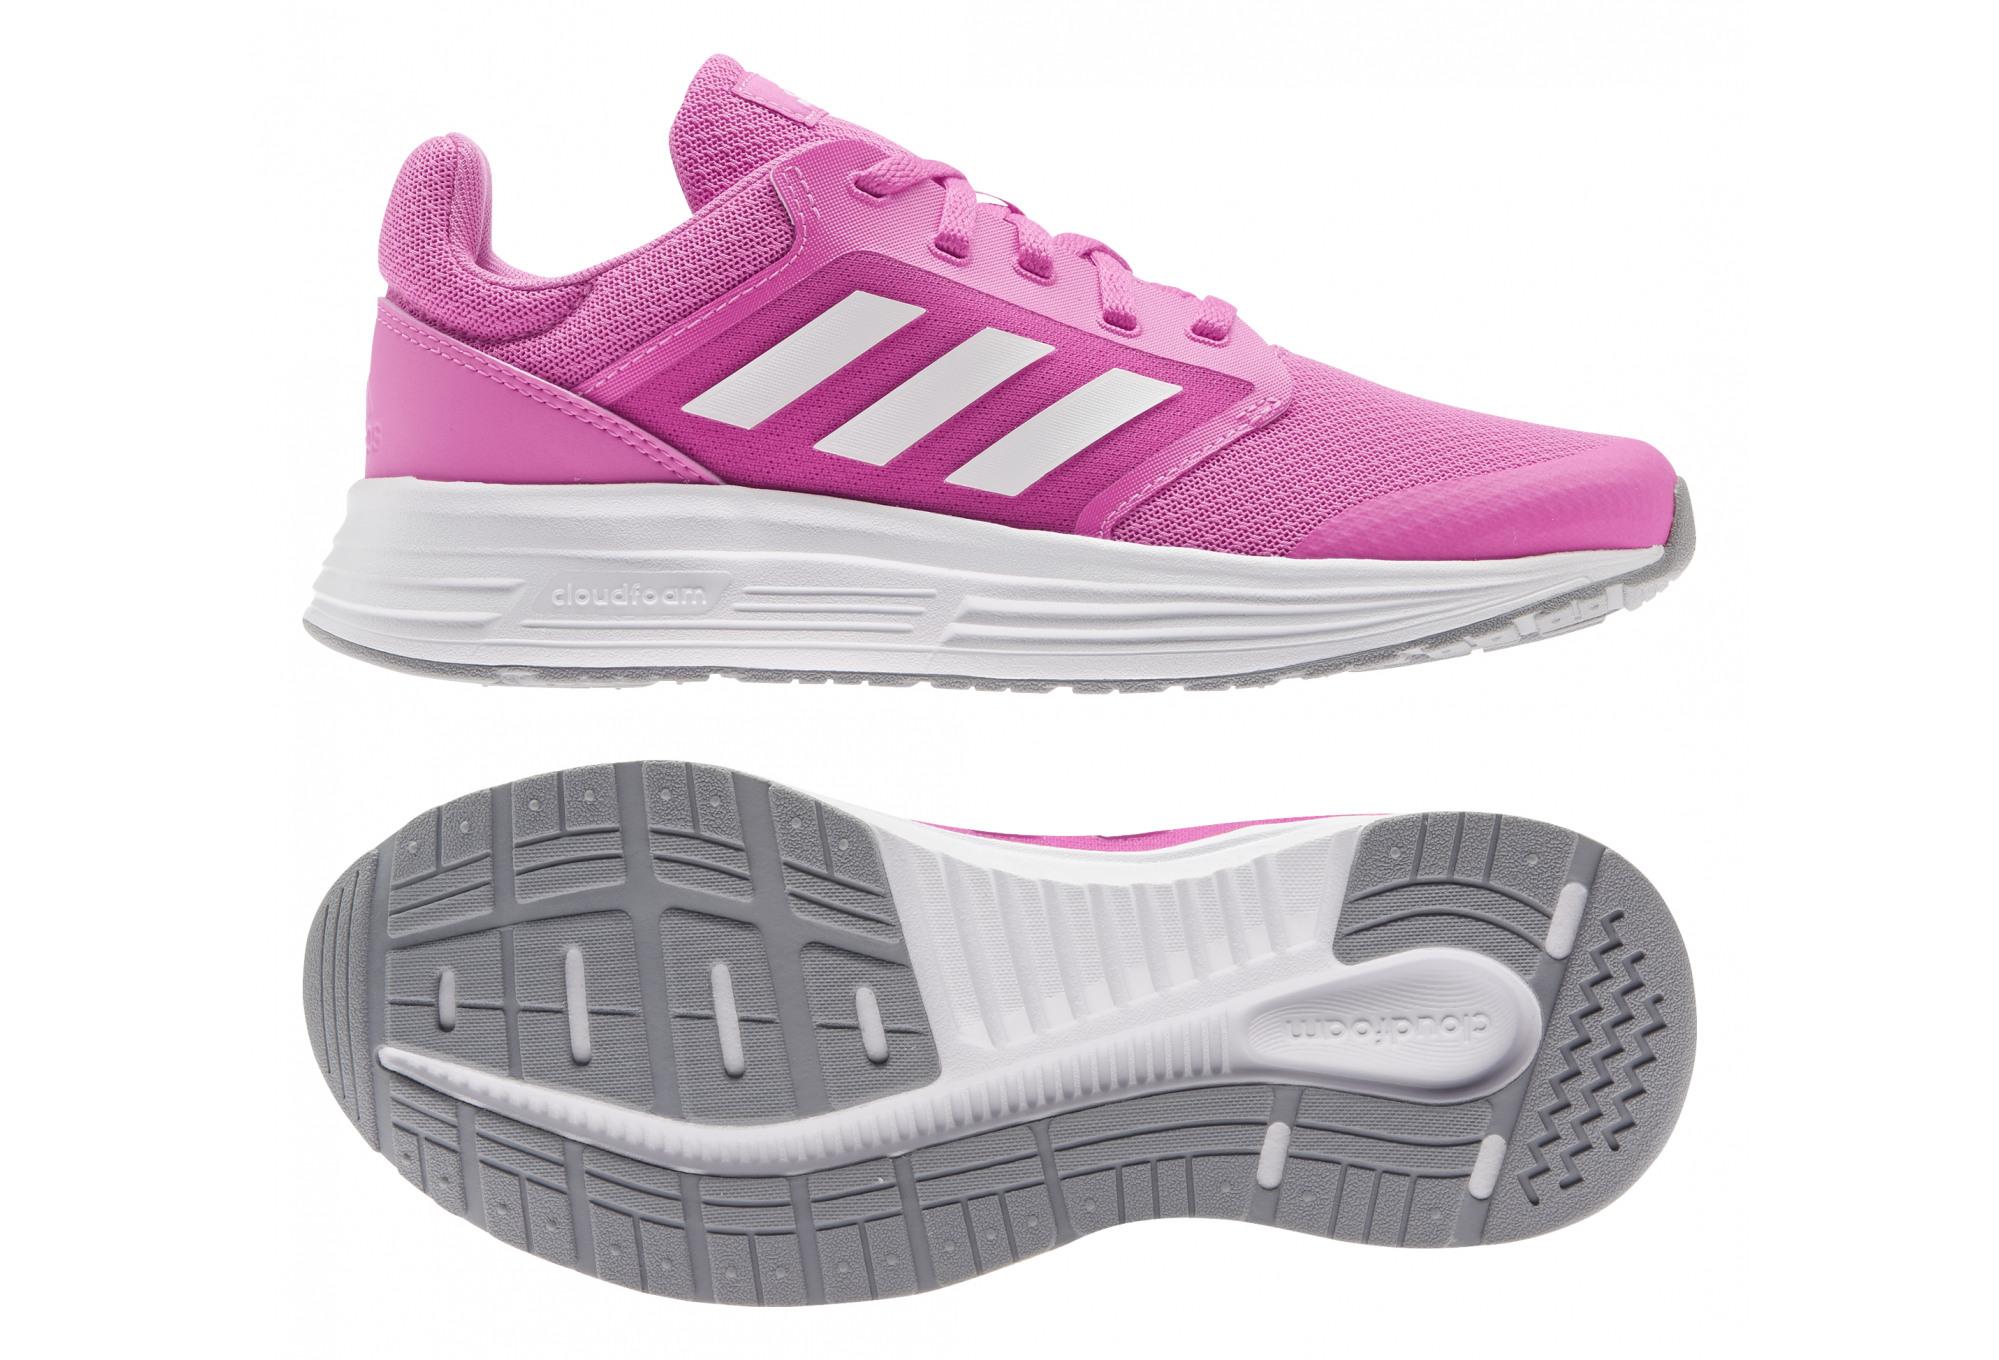 Chaussures de running femme adidas Galaxy 5 | Alltricks.com